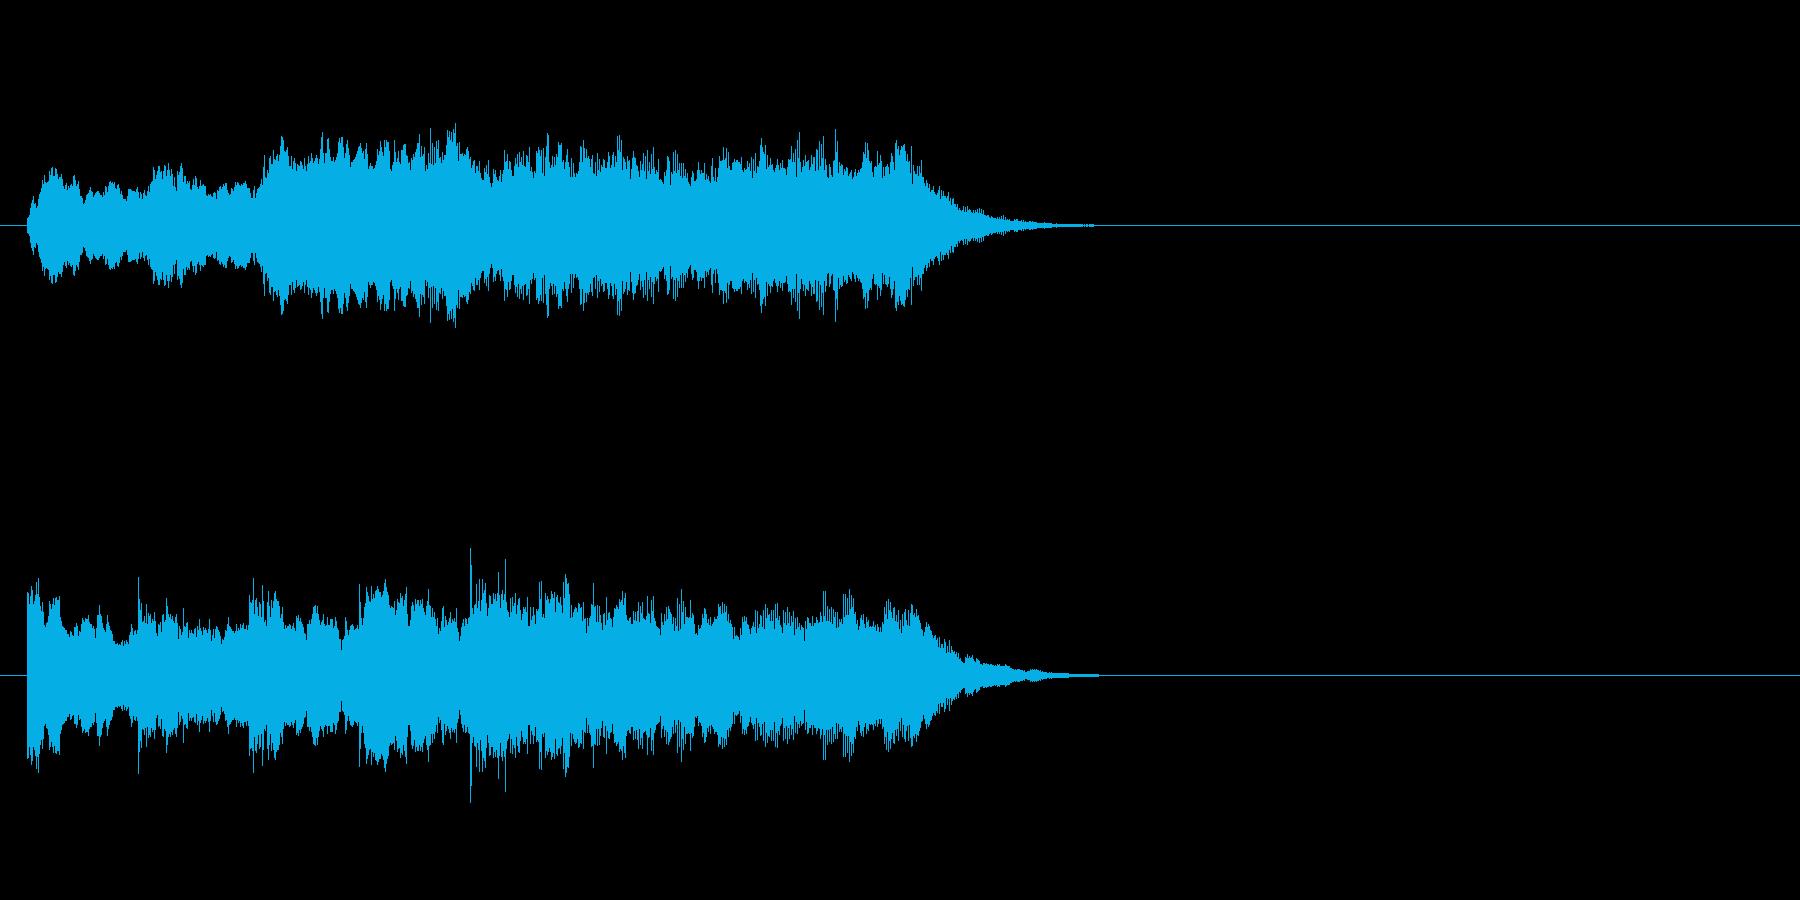 自然 不思議 幻想 神秘 浮遊 目覚めの再生済みの波形